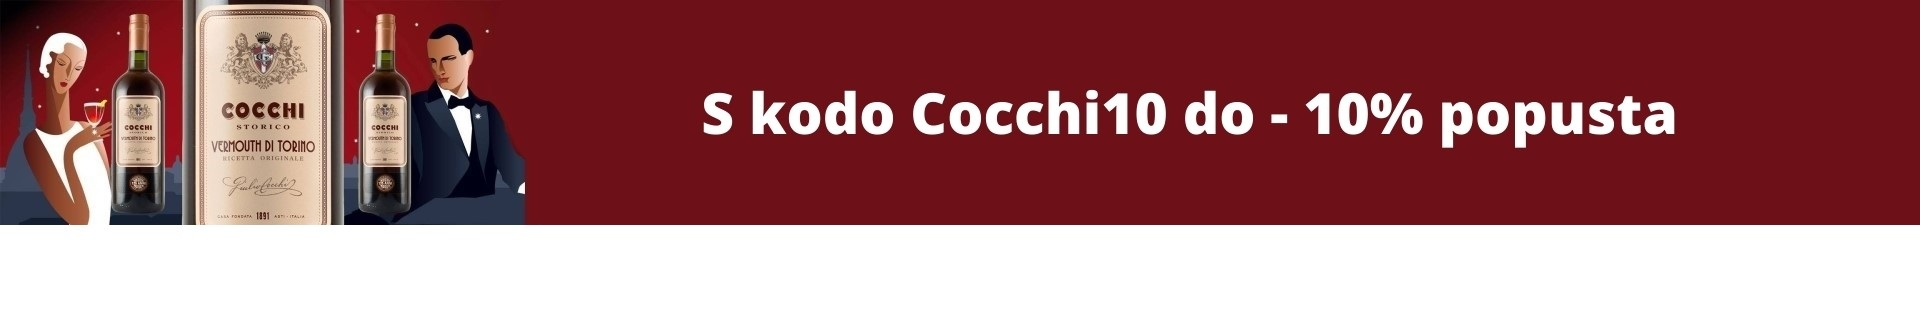 Cocchi akcija